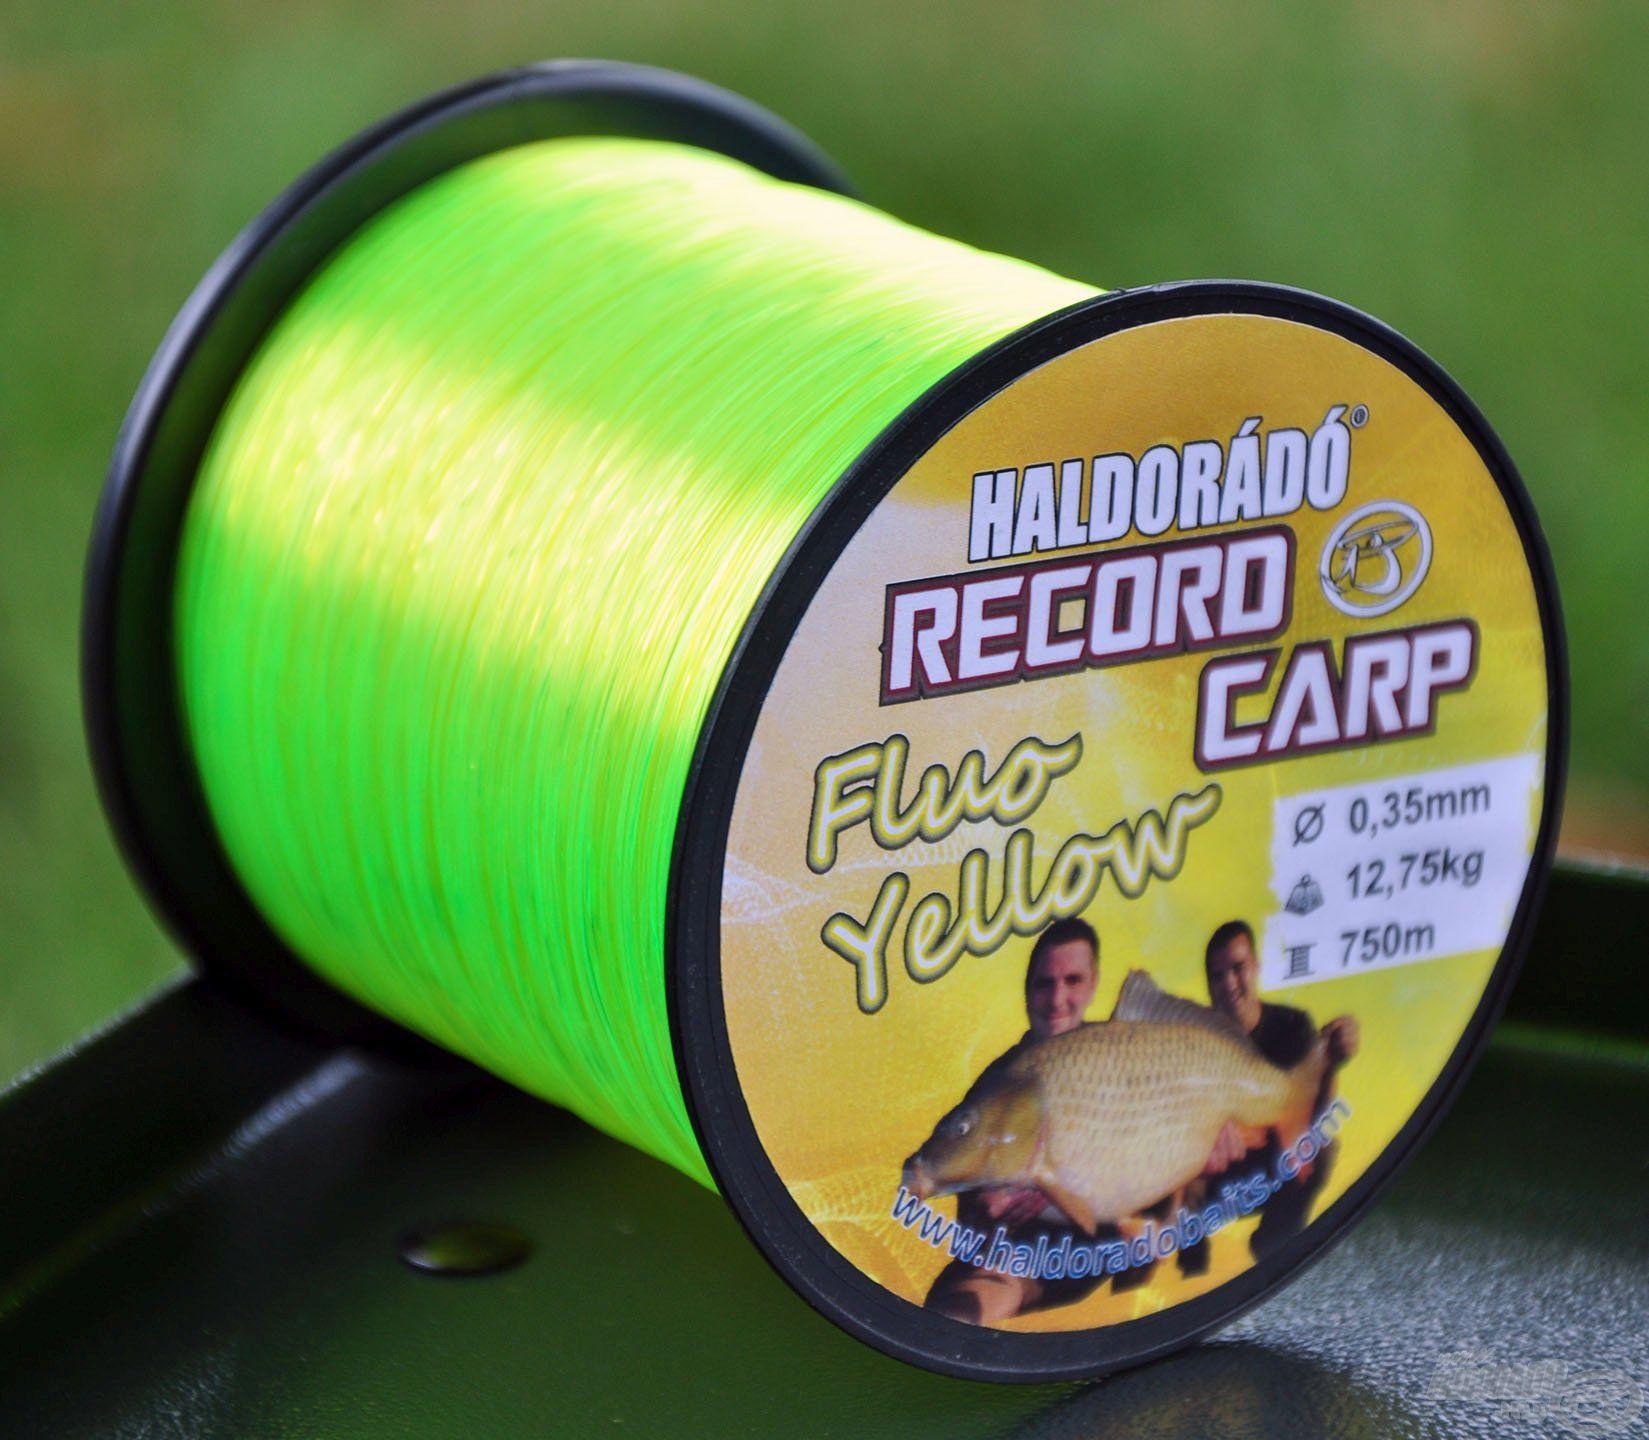 A Haldorádó Record Carp Fluo Yellow zsinór kimondottan a modernkori pontyhorgászat által támasztott igényekhez alakítottuk